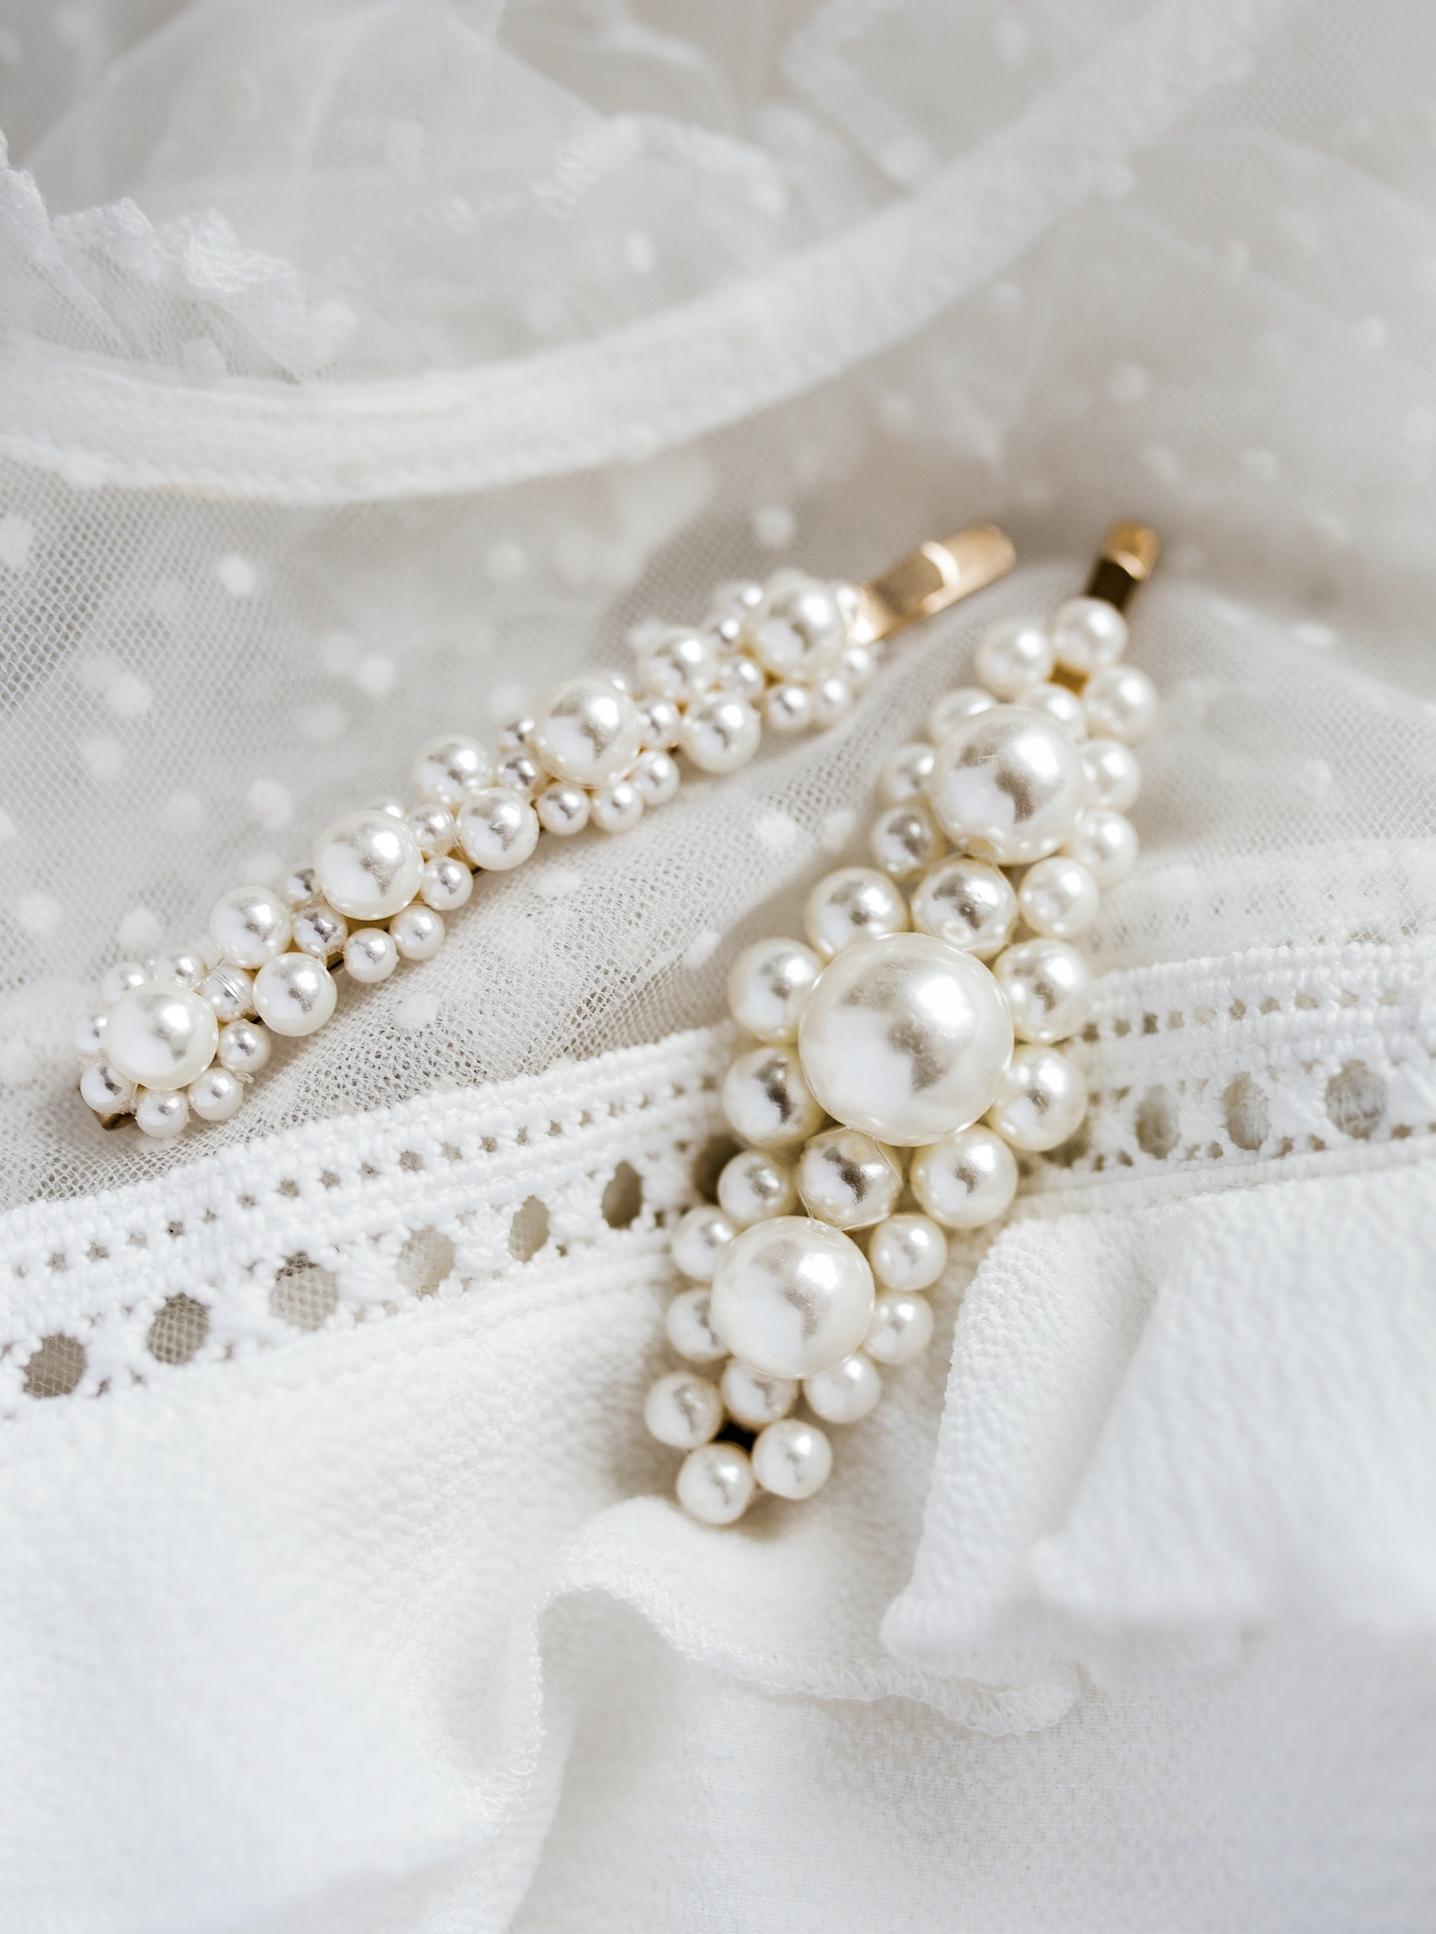 Заколка заколка для волос золото, драгоценные камни, жемчуг, свадьба